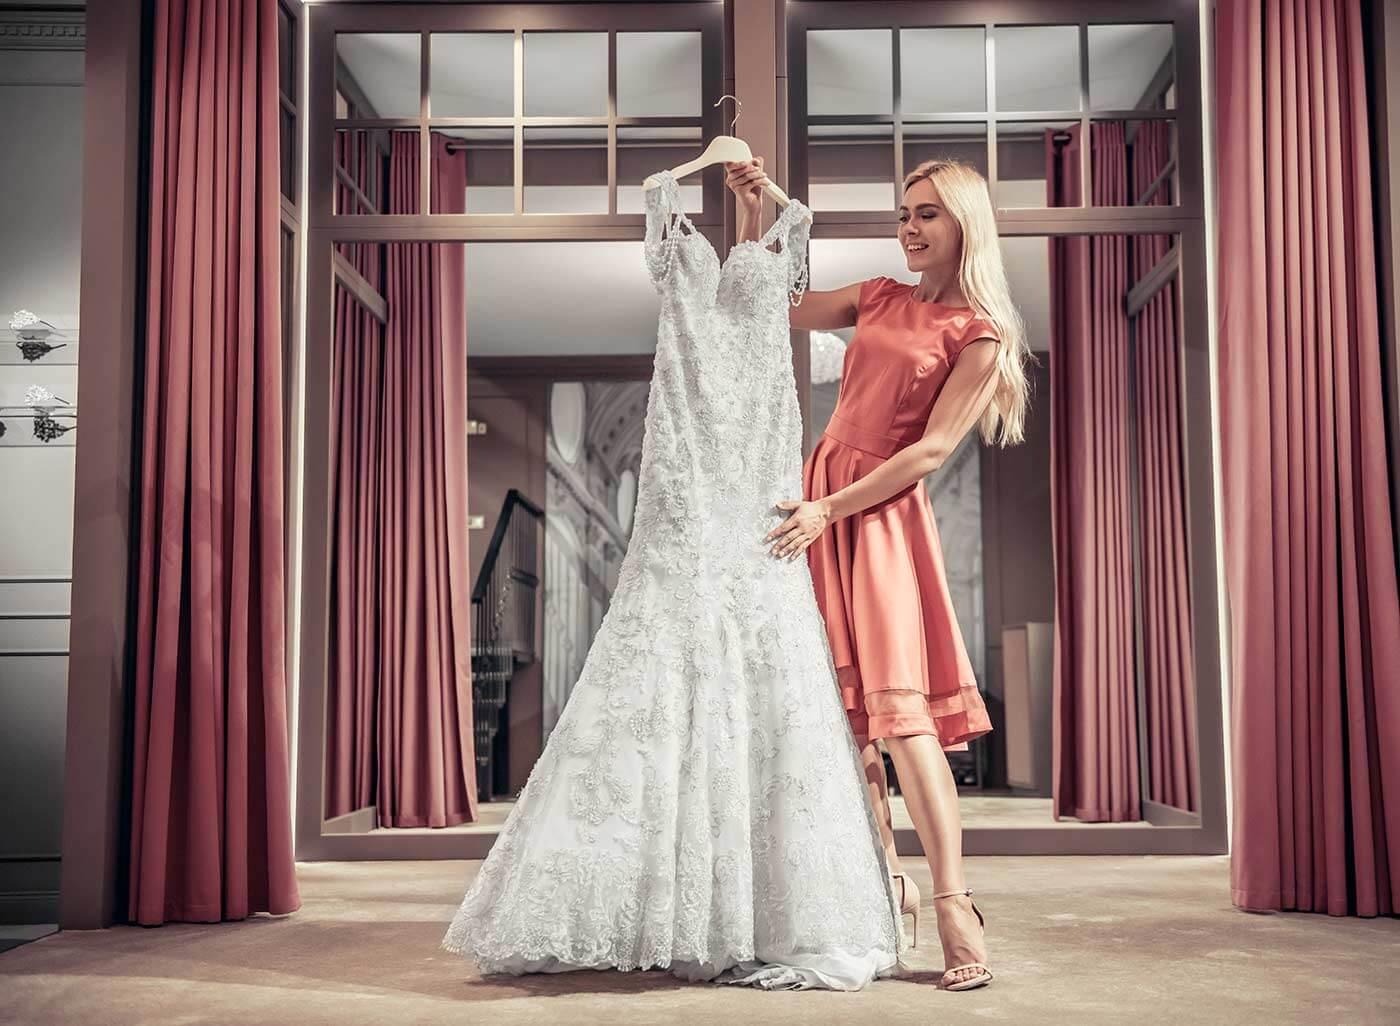 Brautkleid Verkaufen 5 Fragen Antworten Wie Ihr Euer Kleid Erfolgreich Verkauft